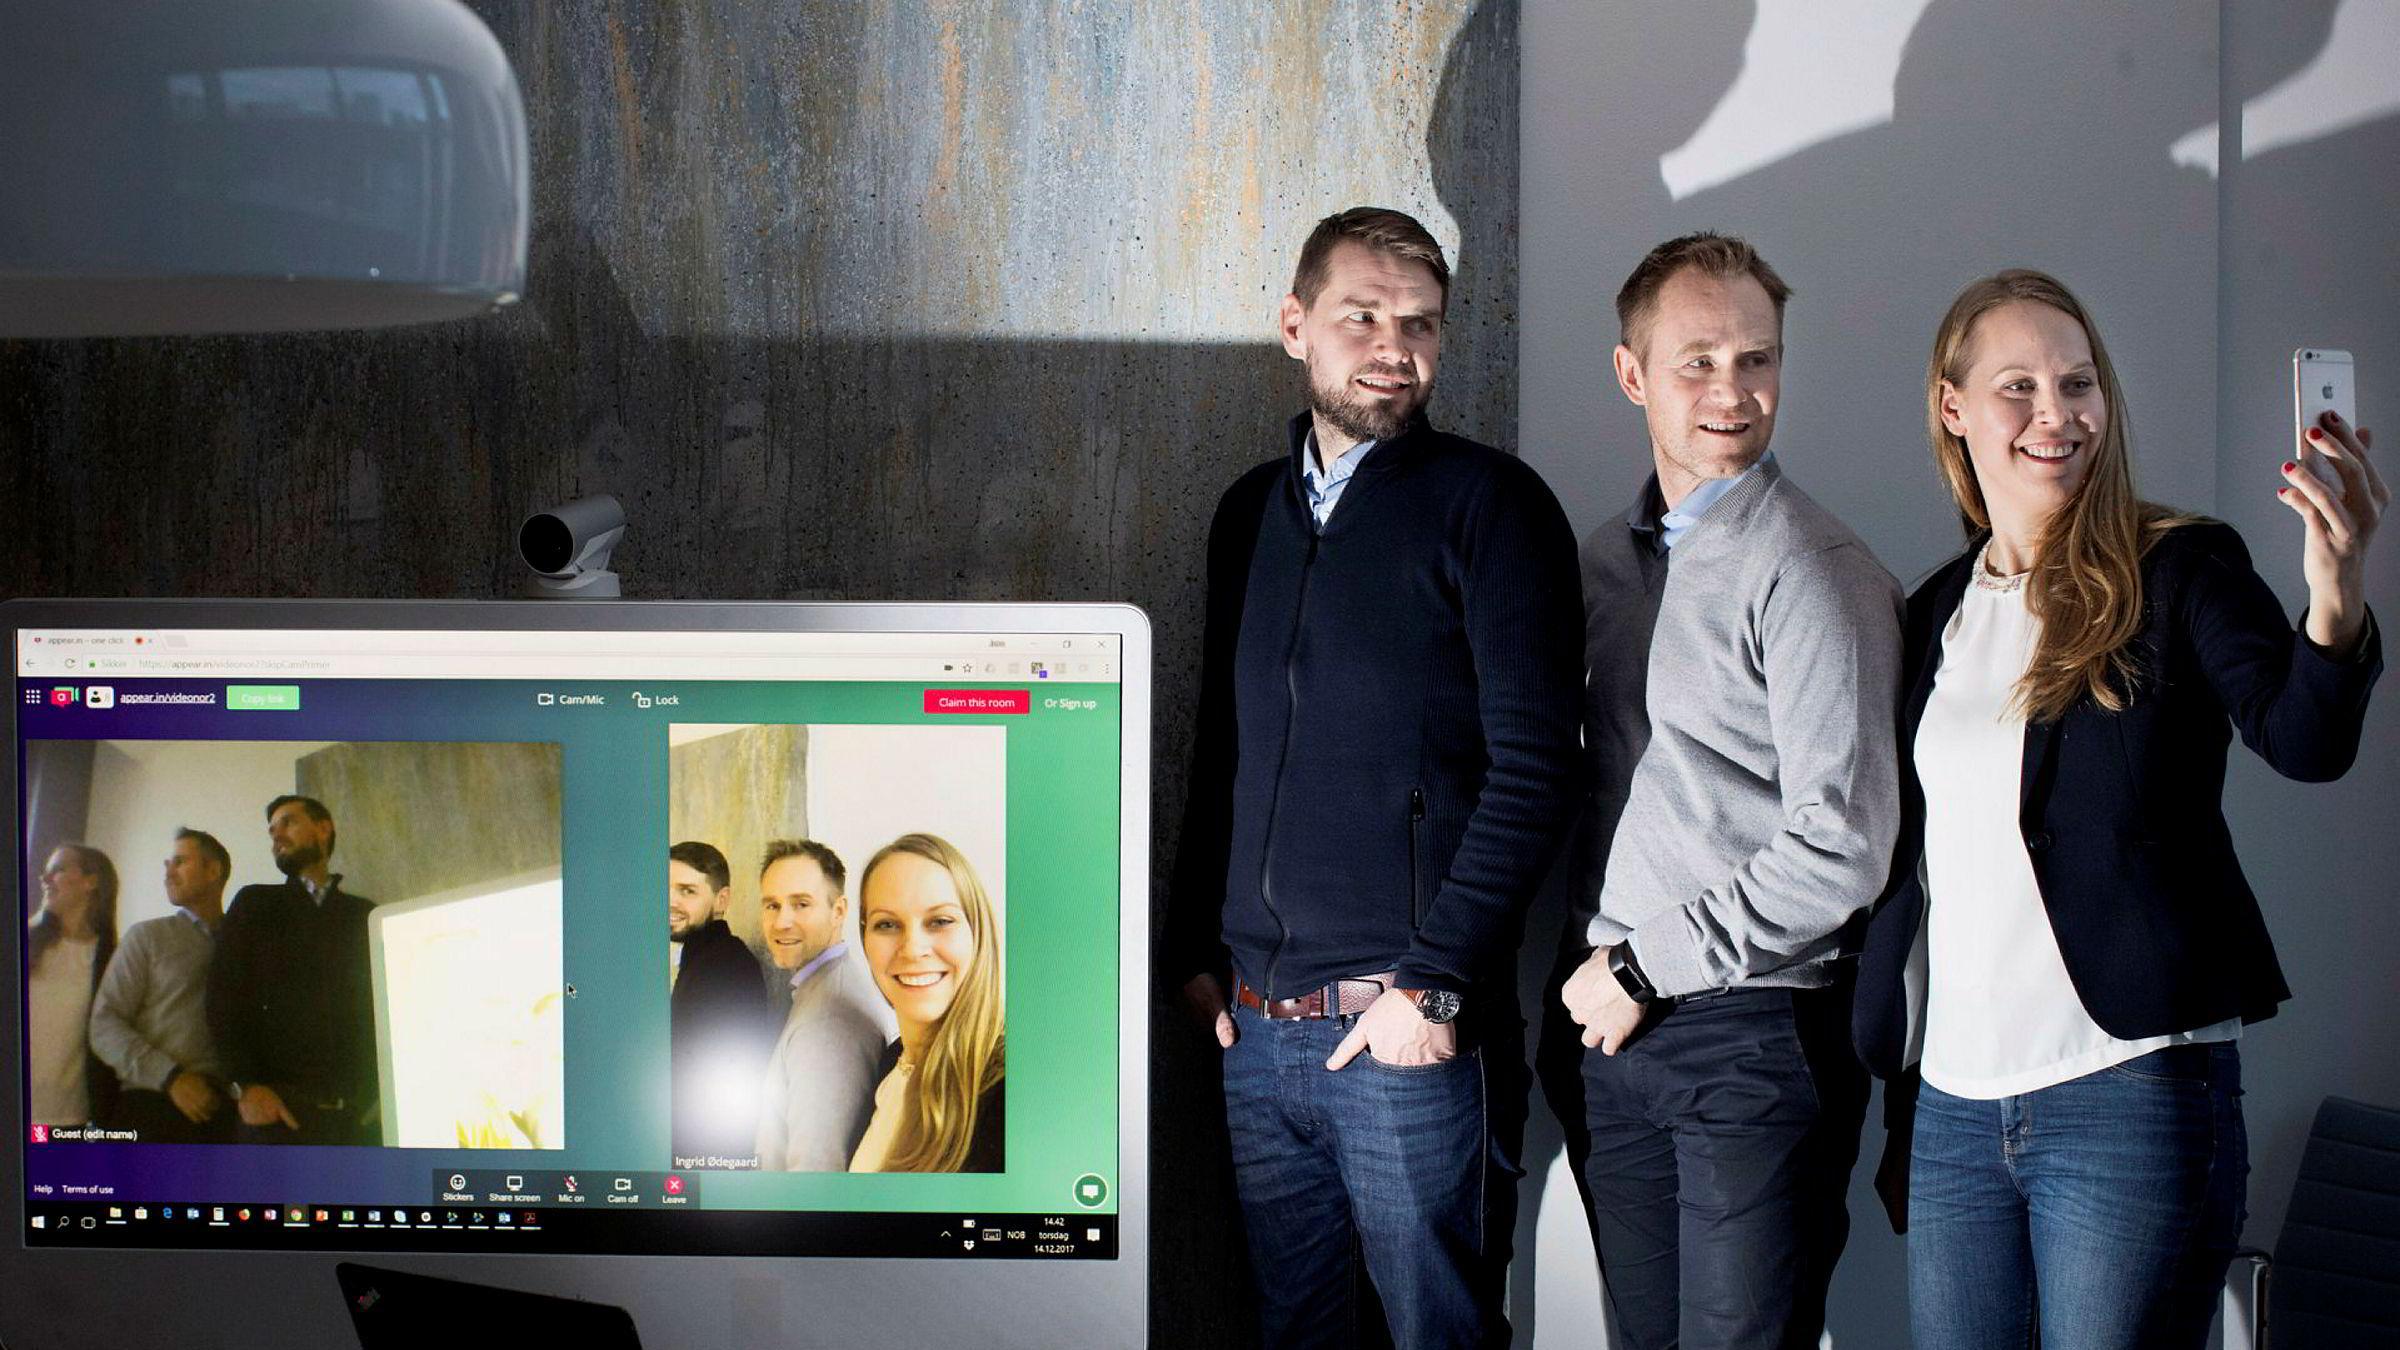 Administrerende direktør Øyvind Reed (til venstre) og gründer Jørn Mikalsen i VideoNor håper de kan bidra til videre global vekst sammen med Ingrid Ødegaard, som er gründer og leder for Appear.in, når de fusjonerer med Telenor-selskapet.